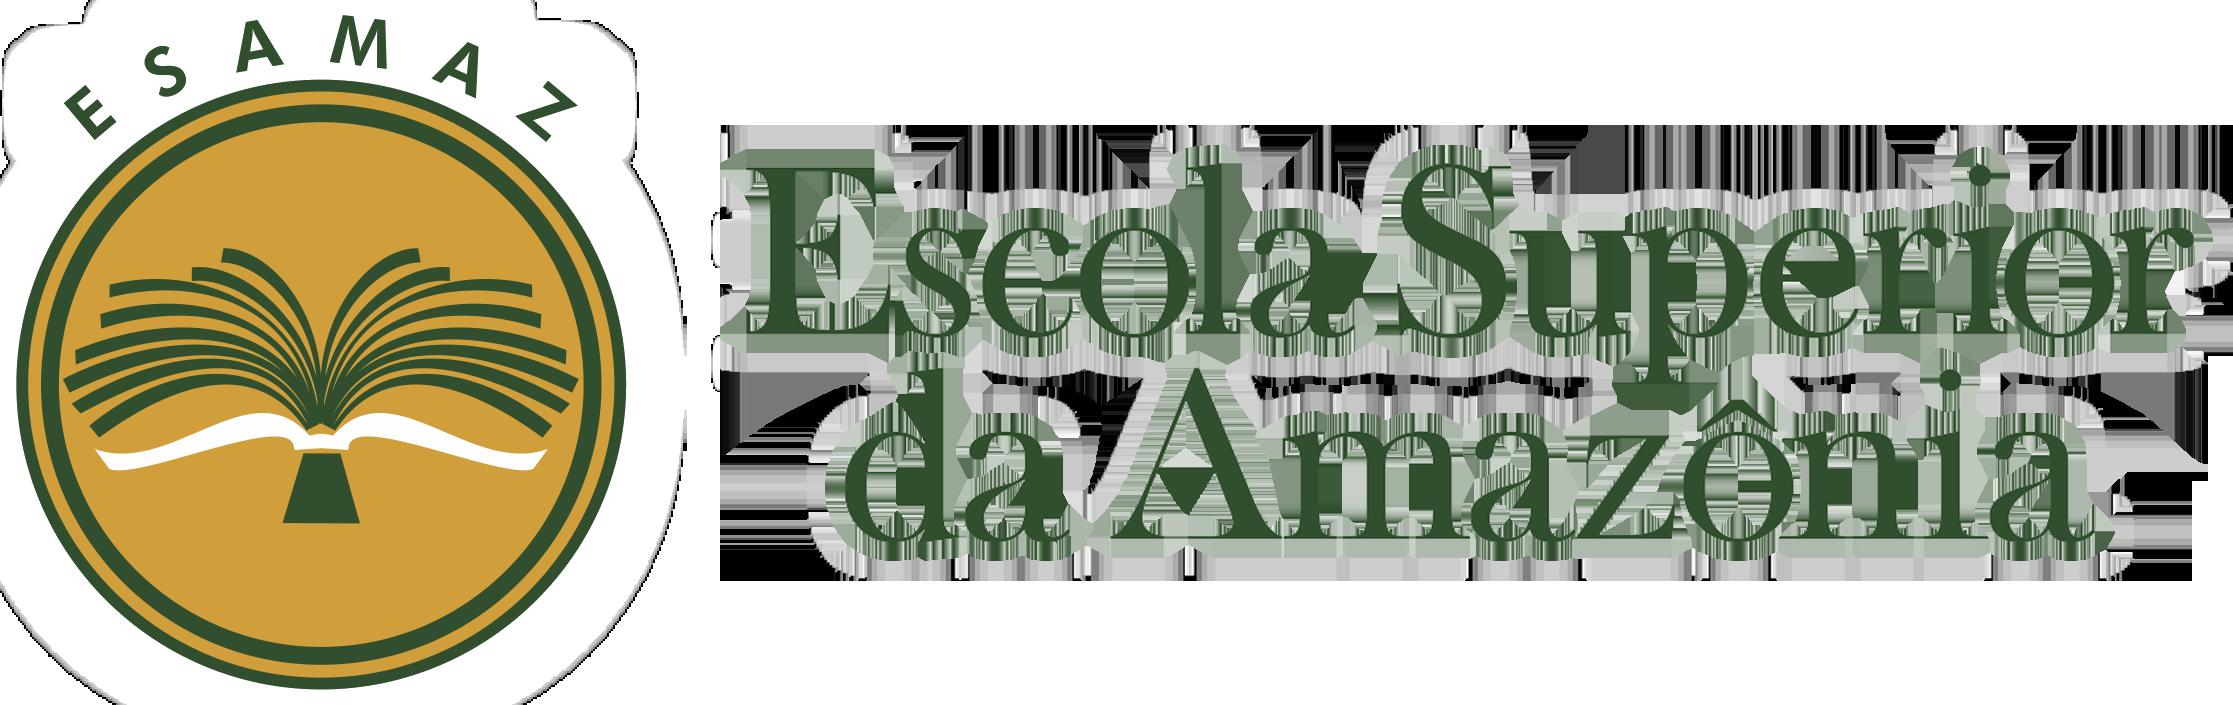 Escola Superior da Amazônia